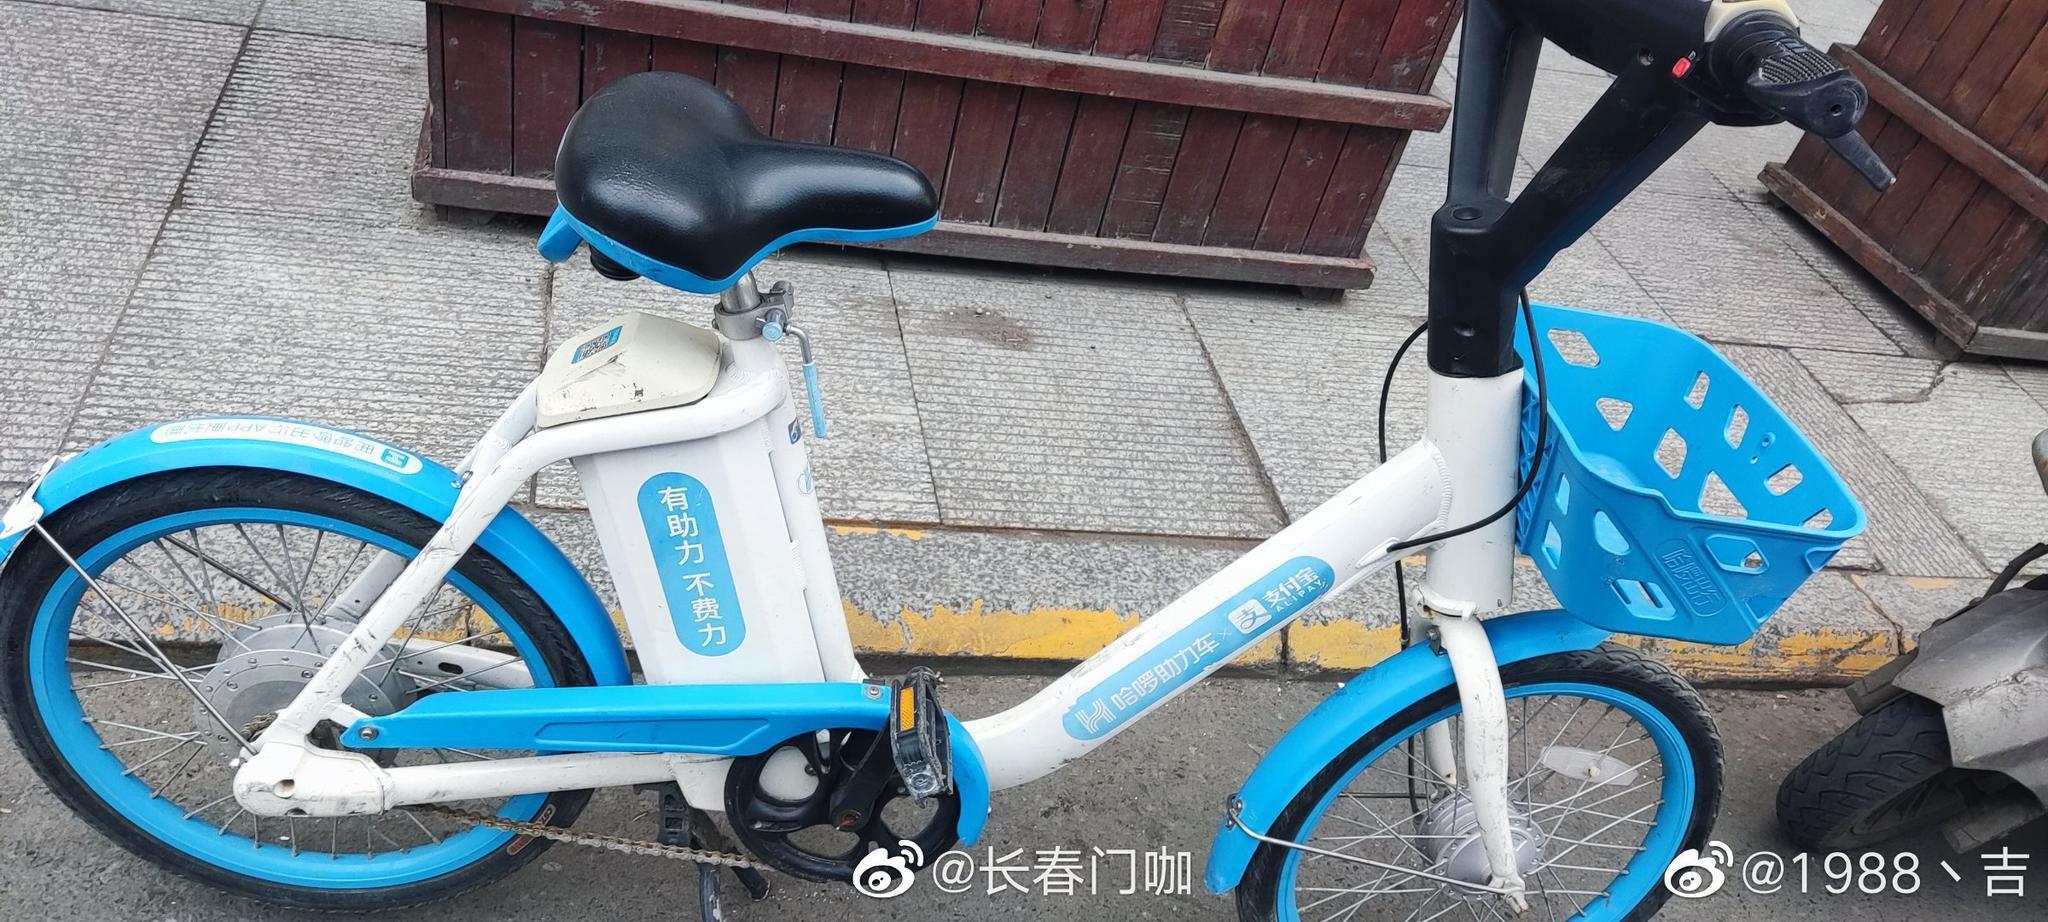 去年,吉林市有青桔电单车之后。现在,哈喽电单车也进驻了!